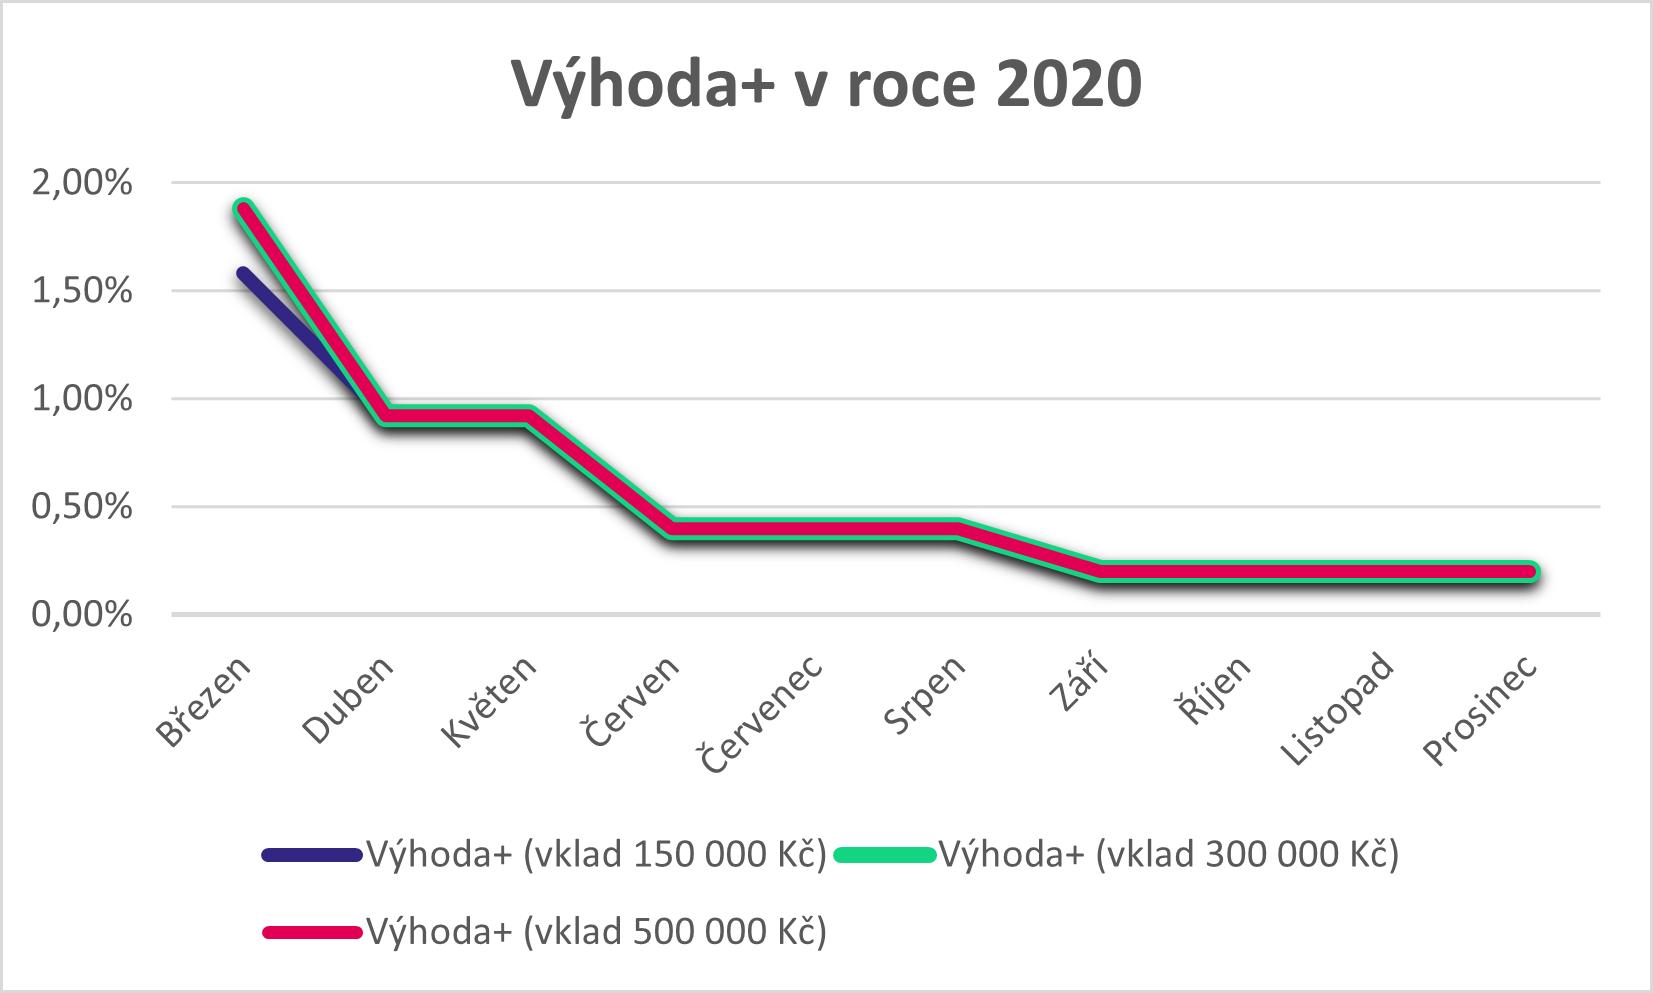 Výhoda+ 2020